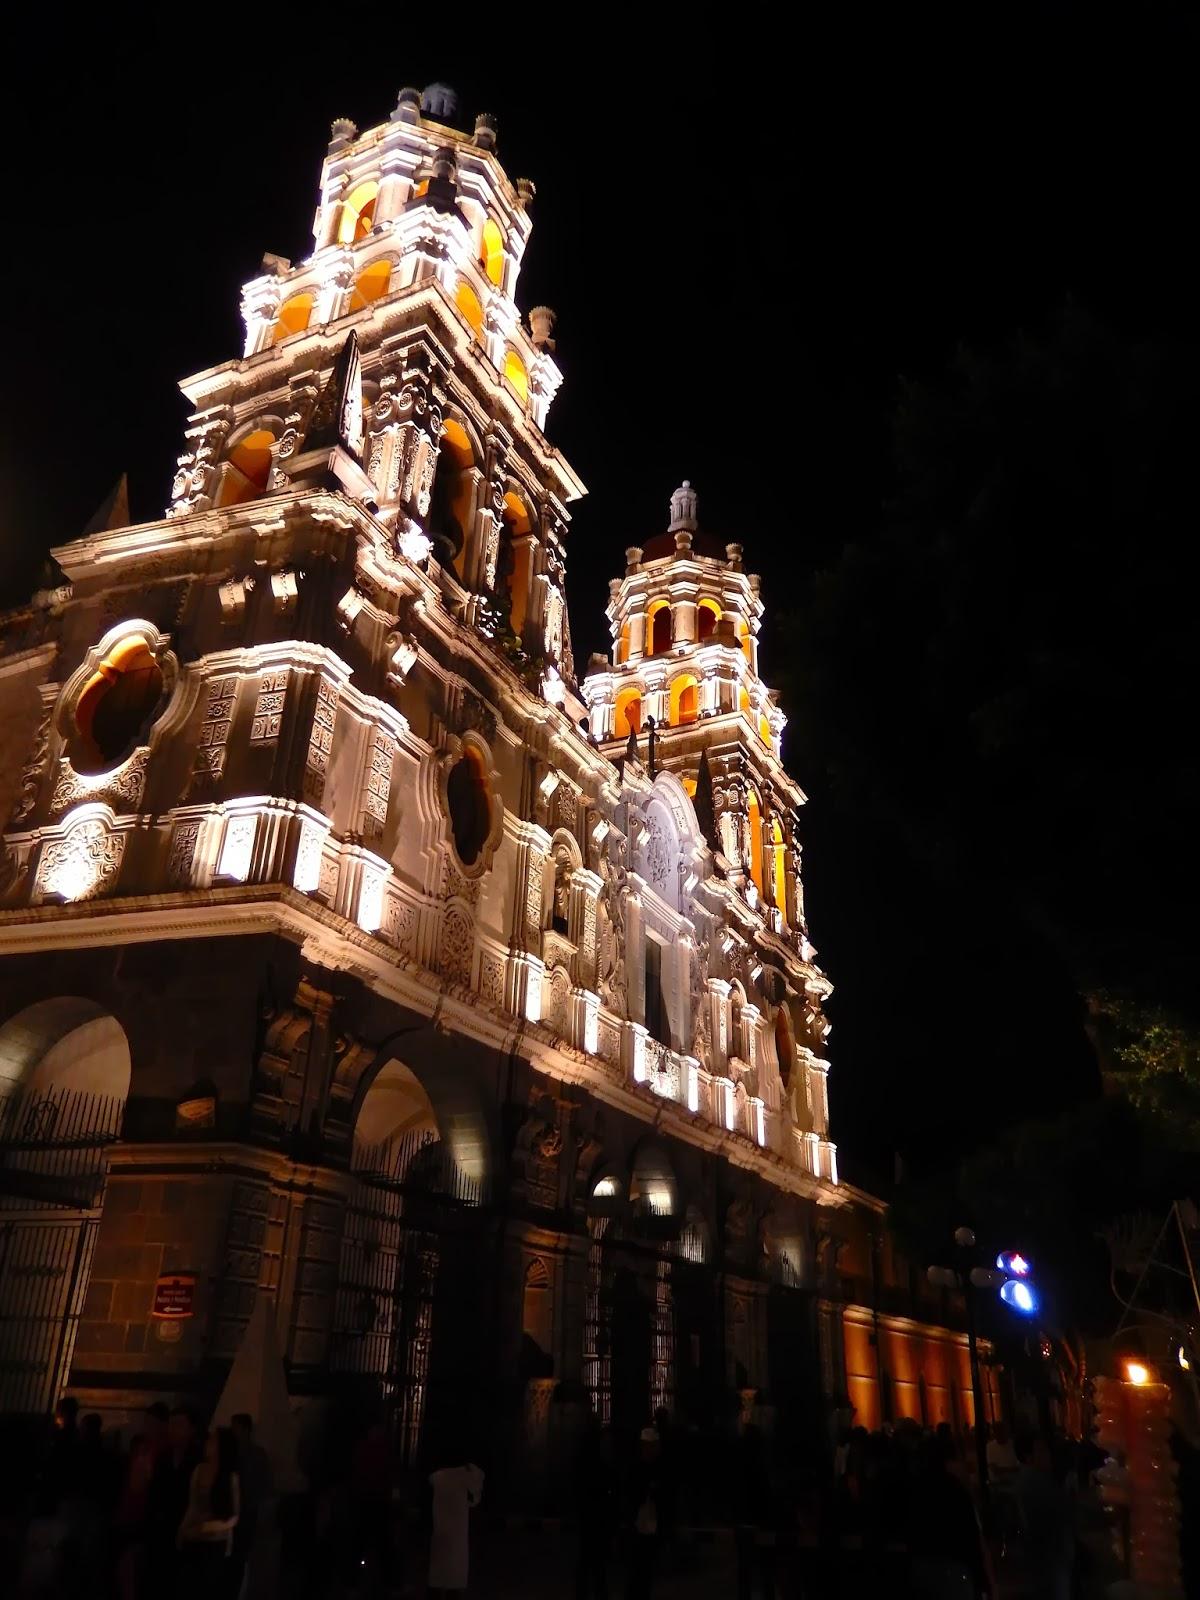 centro historico, puebla, edificio, iluminación nocturna